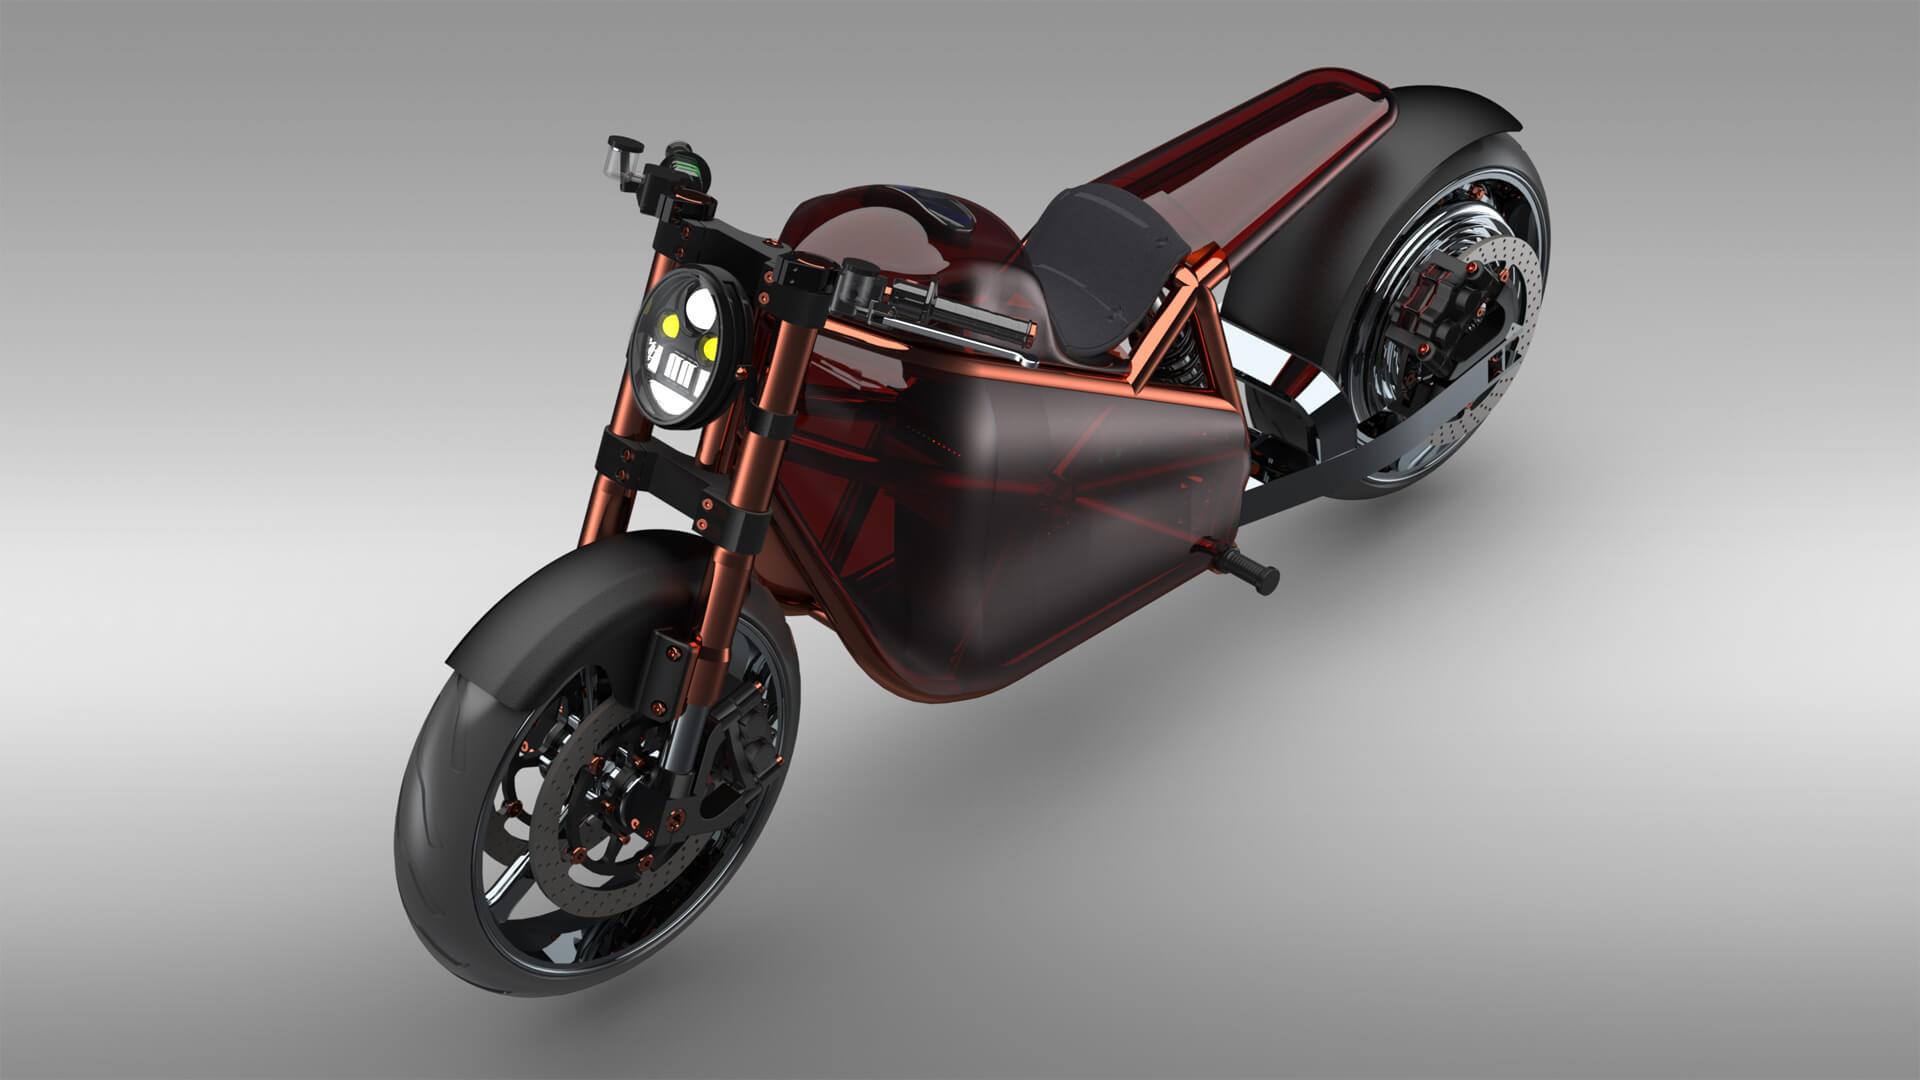 Mateusz Kuprianiuk, Politechnika Białostocka Motocykl elektryczny z silnikiem BLDC umieszczonym w tylnym kole